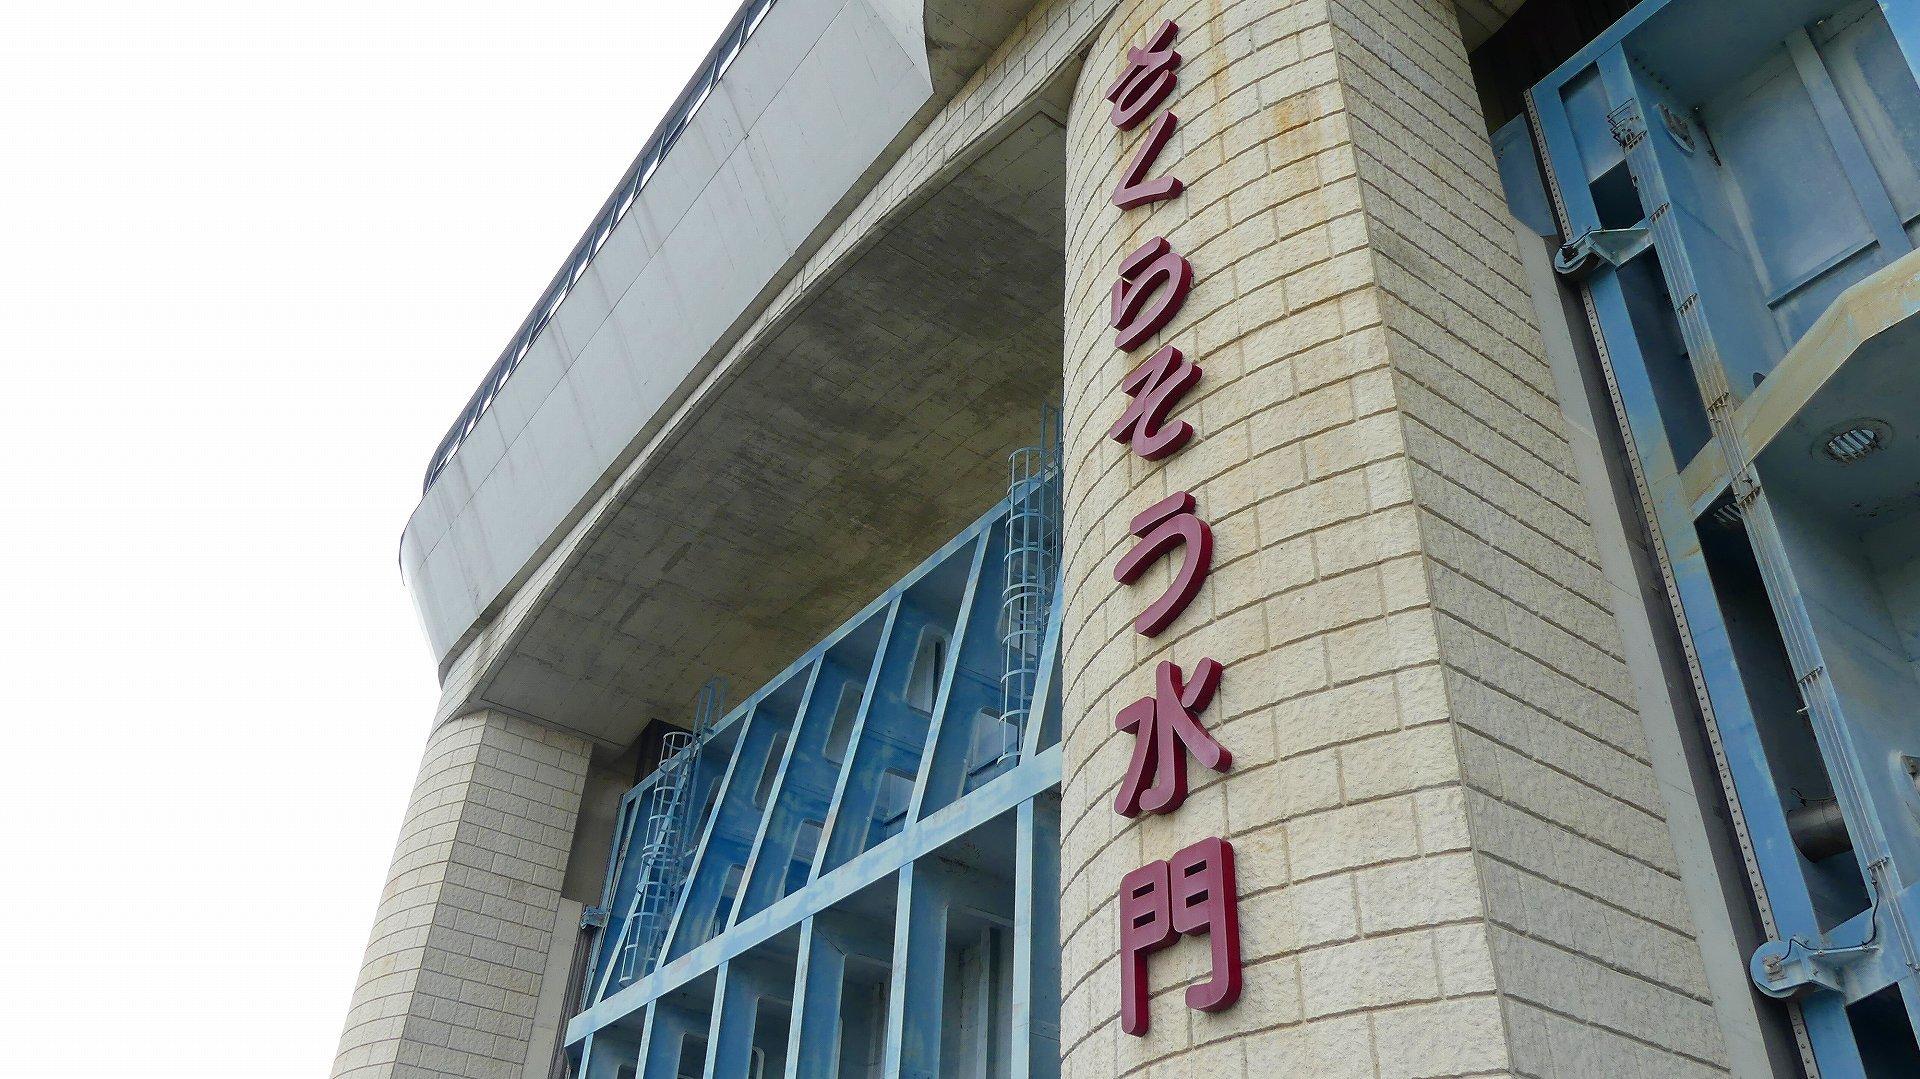 さくら草水門に行ってみた 【 2019 10/17(木) 】_a0185081_14435348.jpg